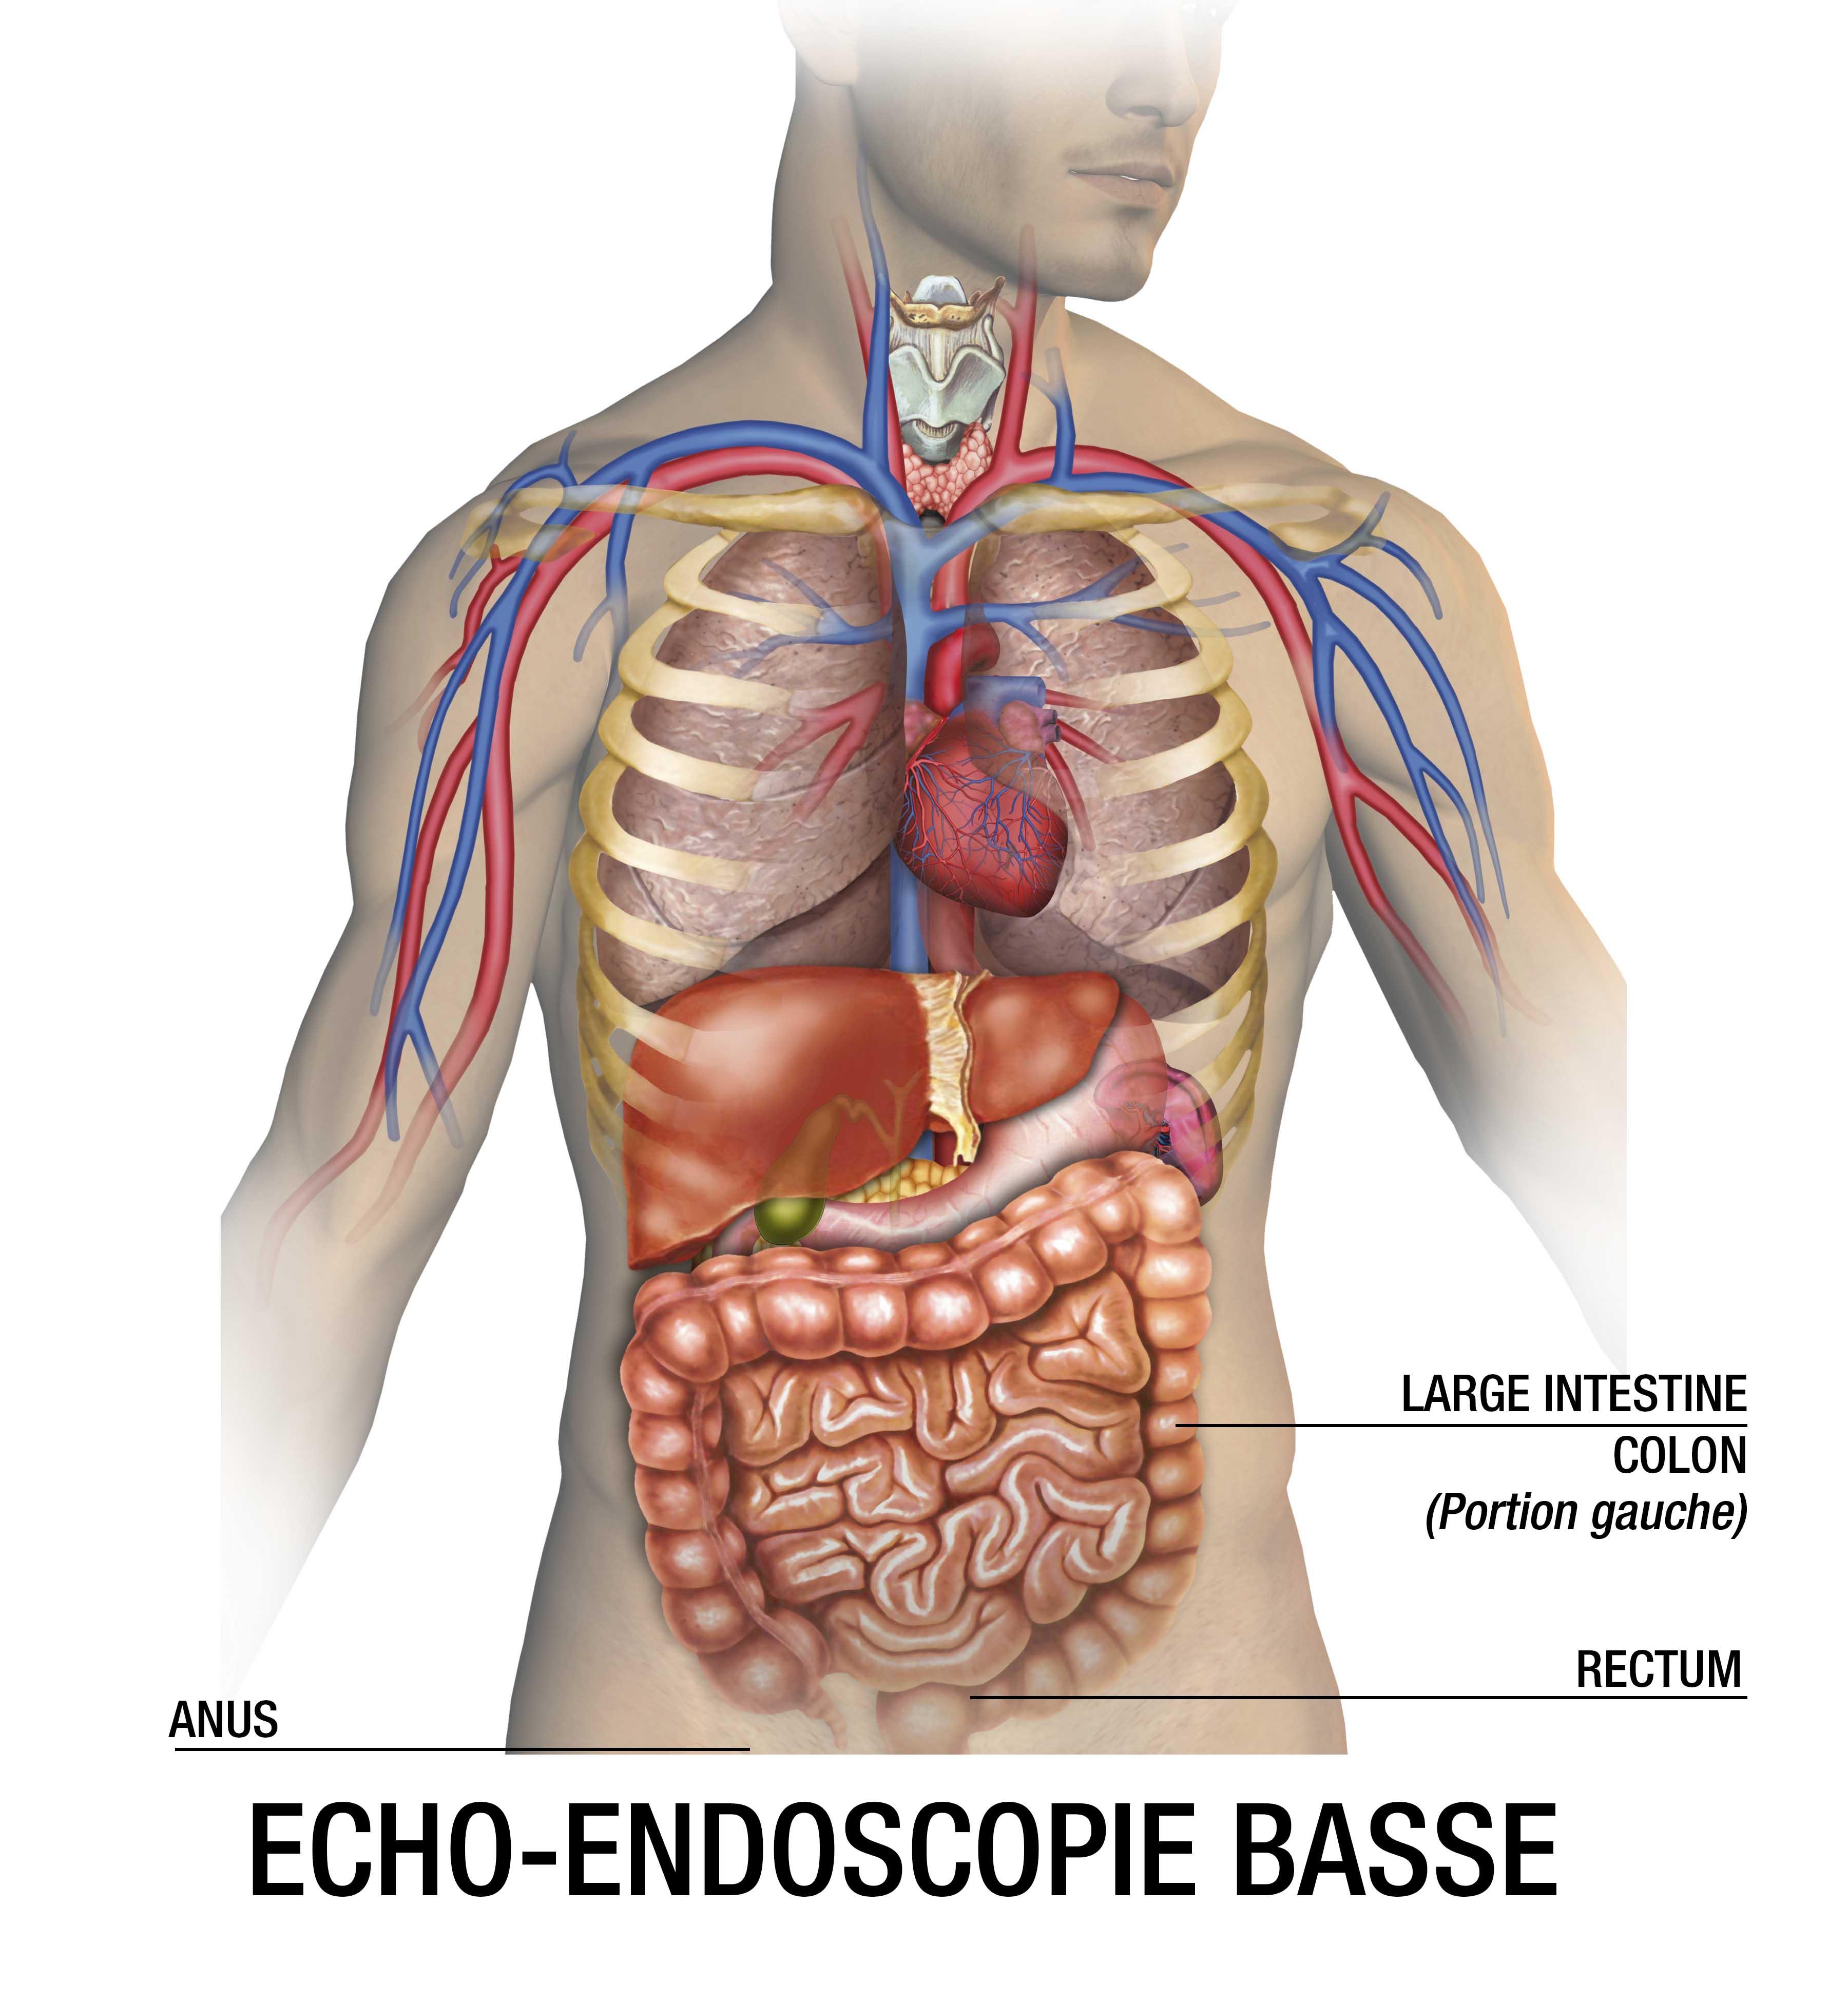 echo endoscopie basse : examen endoscopie base - Clinique1037